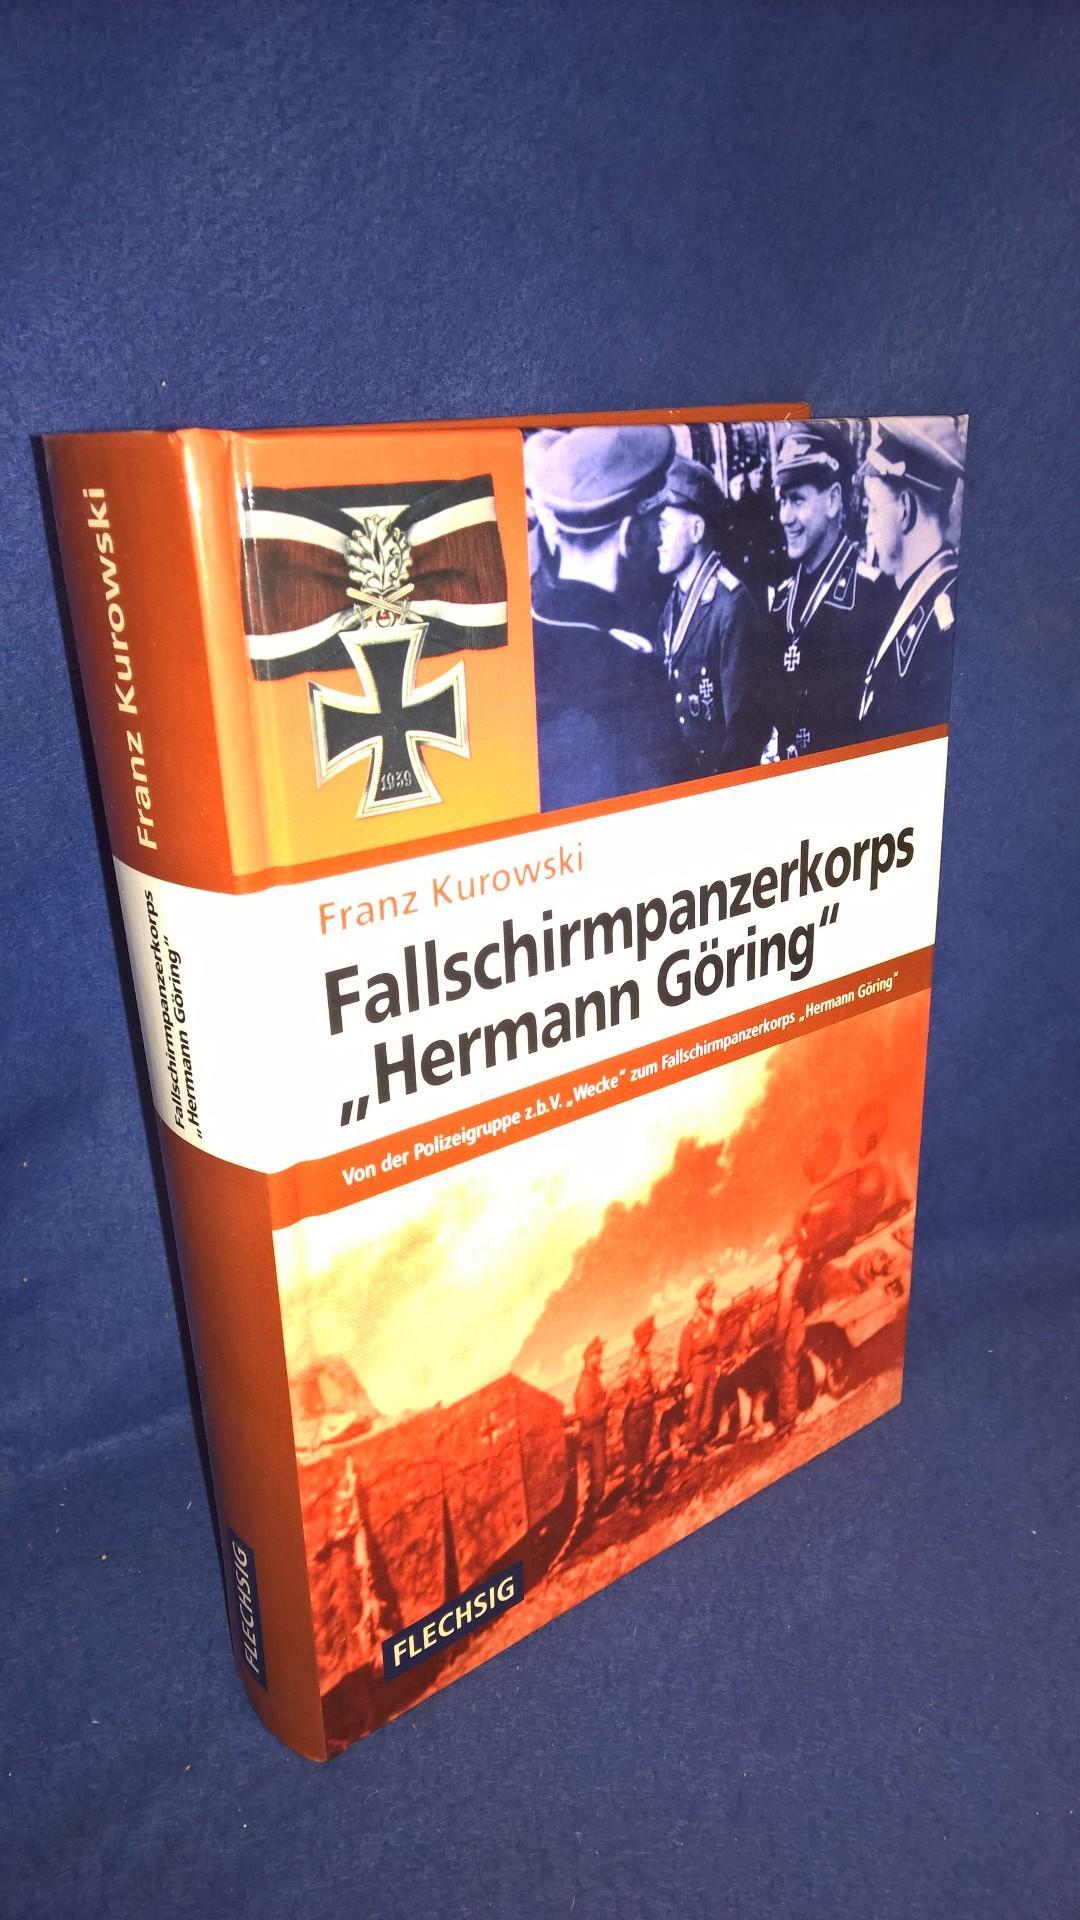 """Fallschirmpanzerkorps """"Hermann Göring"""": Von der Polizeigruppe z.b.V. """"Wecke"""" zum Fallschirmpanzerkorps """"Hermann Göring""""."""